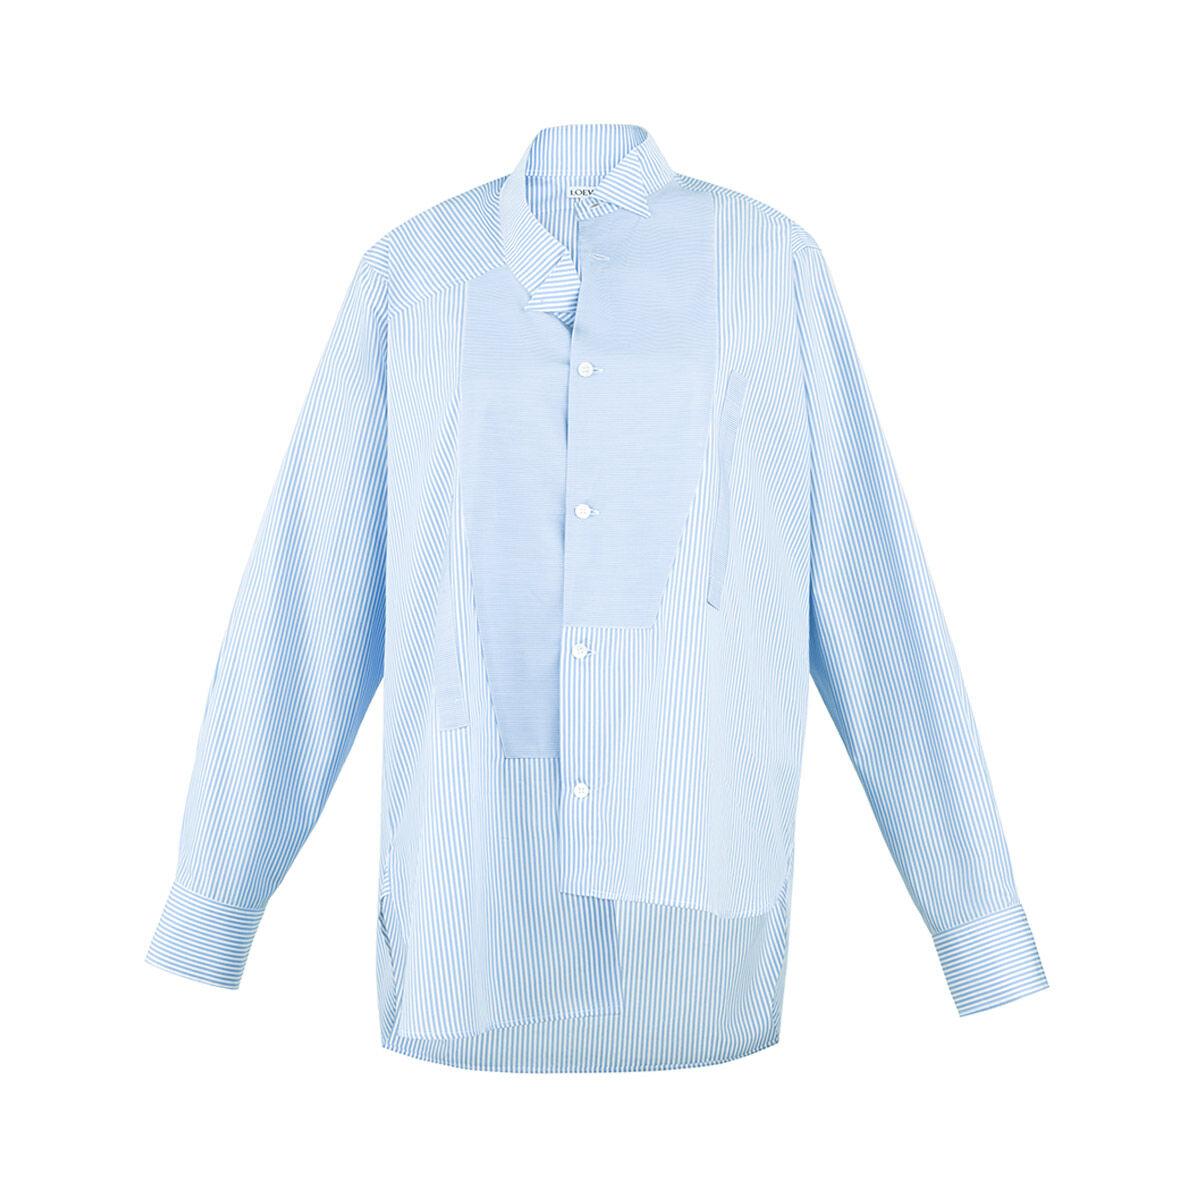 LOEWE Asymmetric Oversize Shirt White/Light Blue all